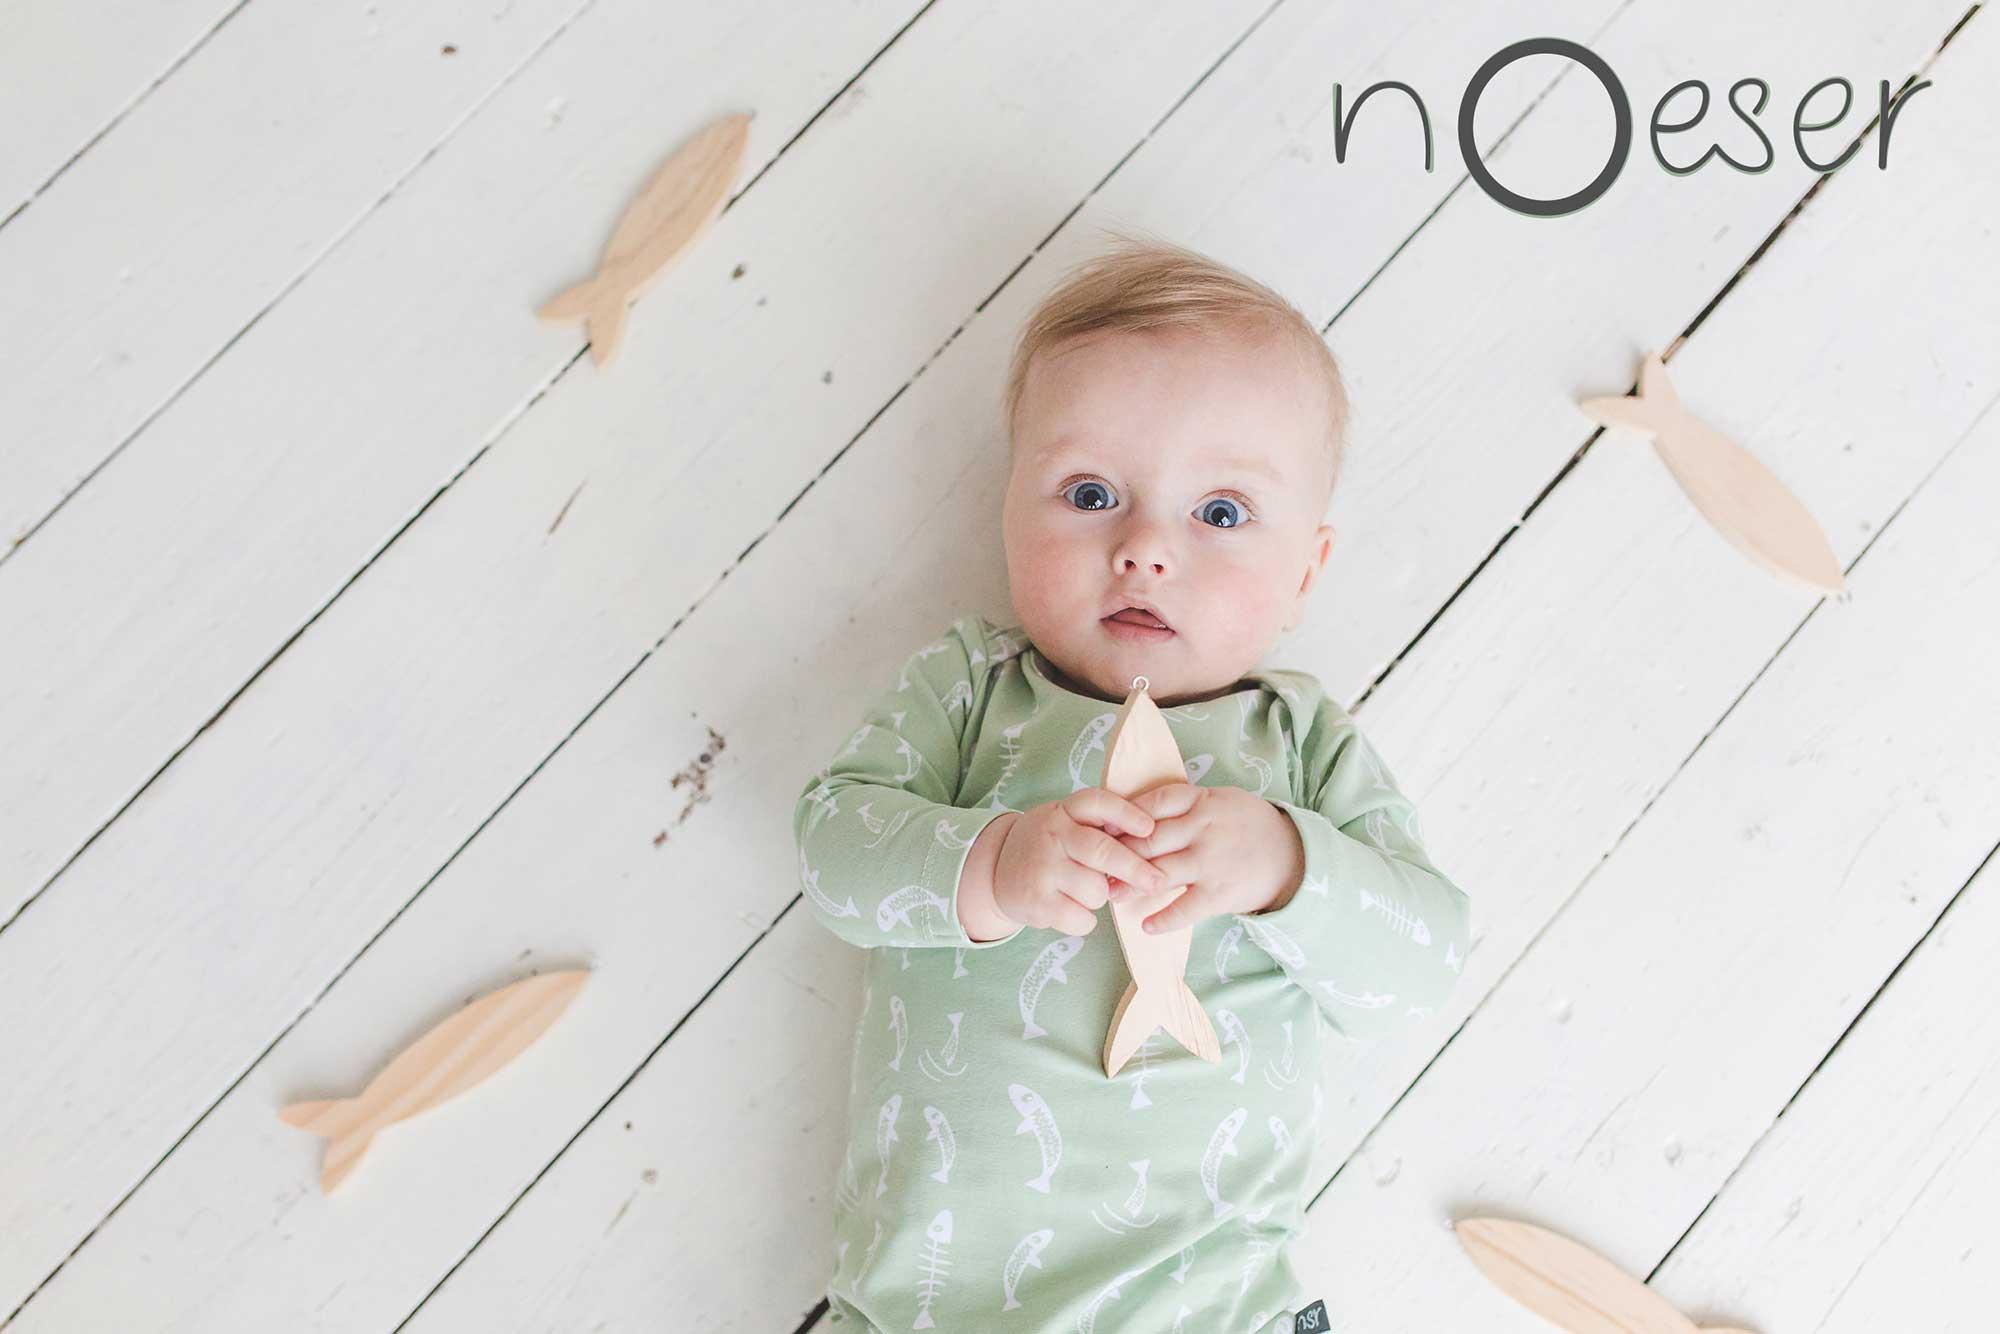 duurzame-kinderkleding-nederland-noeser-fish-print-mint-baby